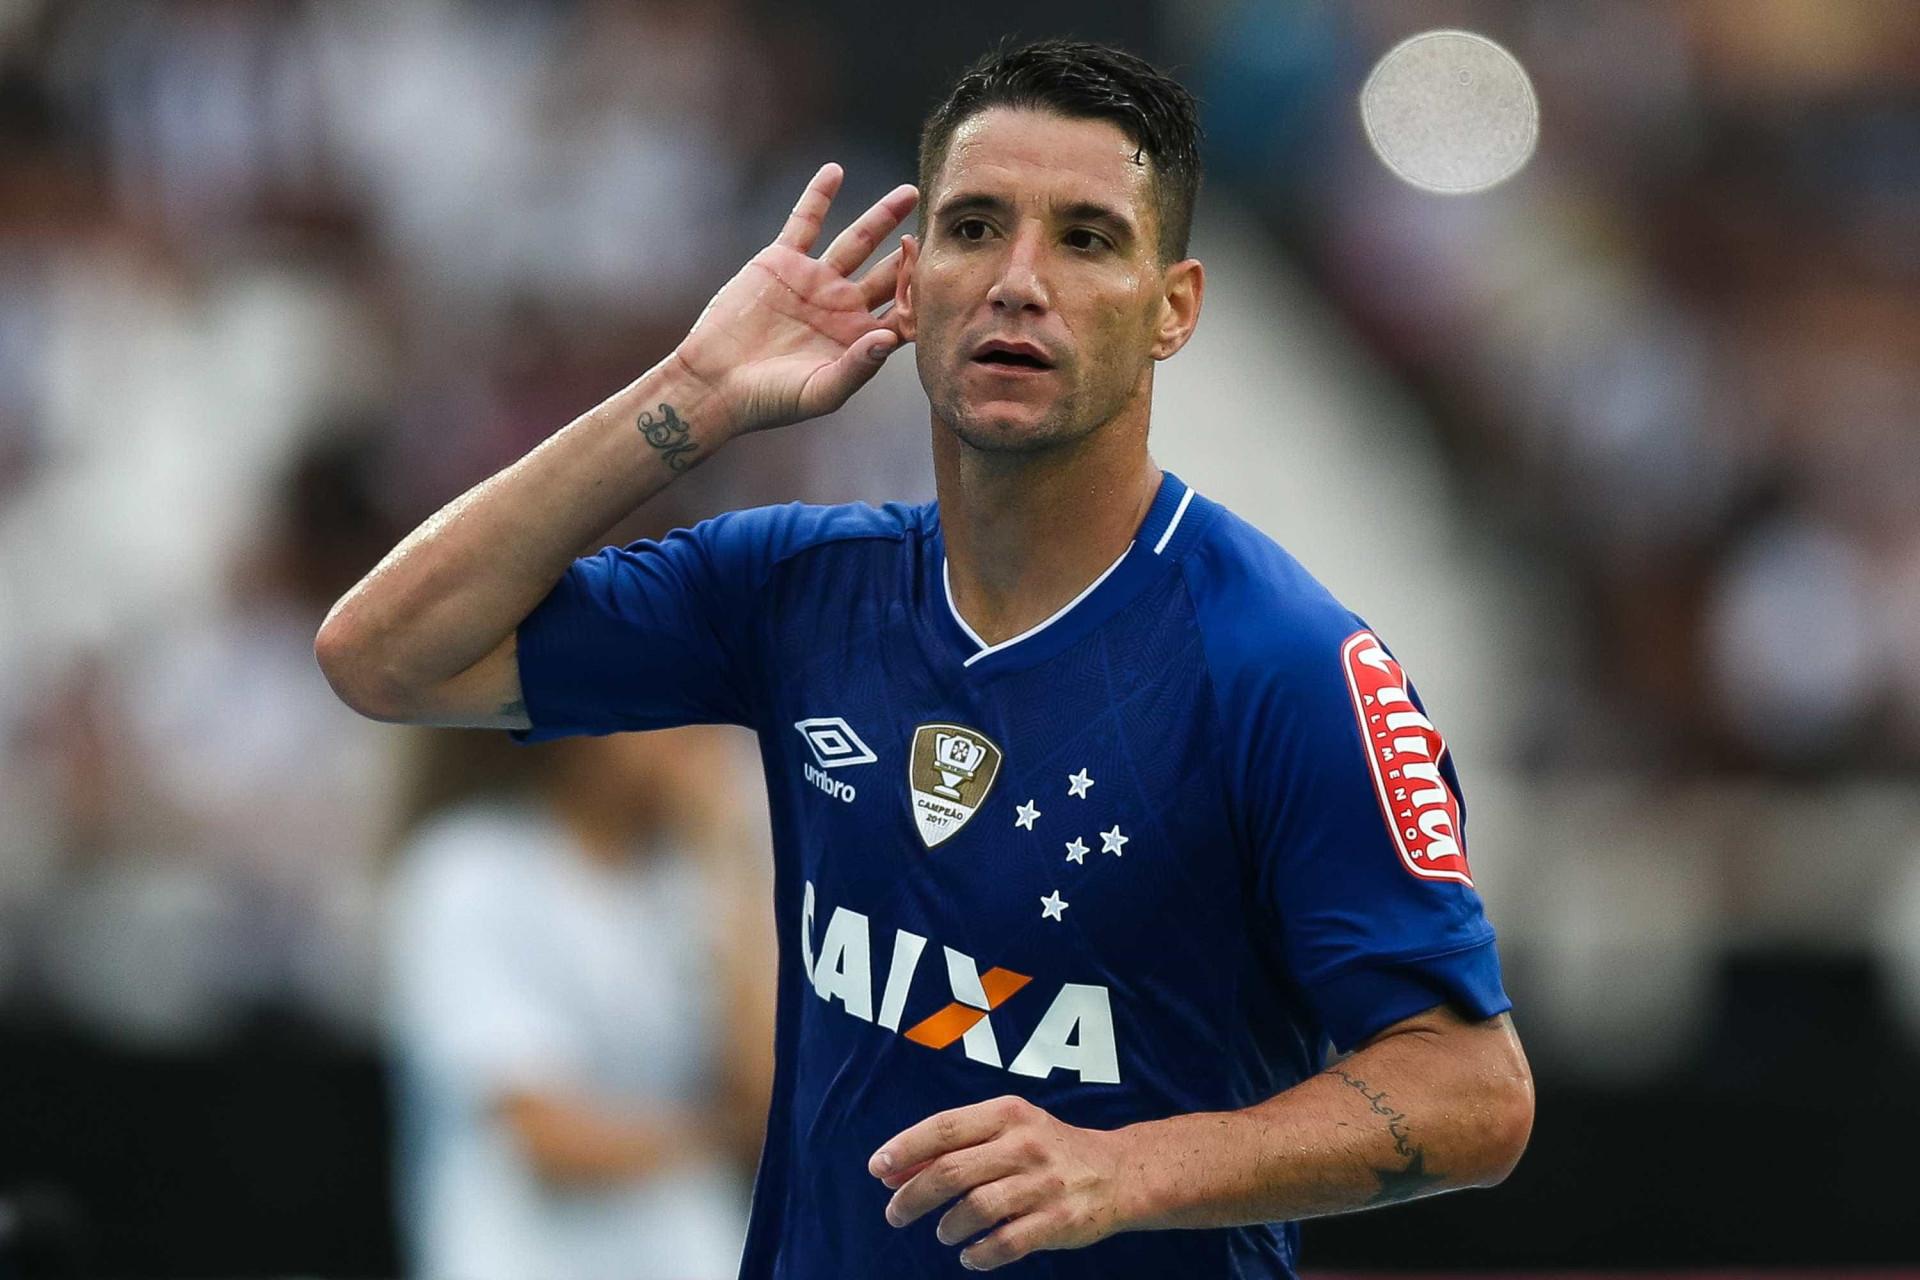 Saiba quais são os 15 times mais valiosos do Brasileirão; Fla lidera